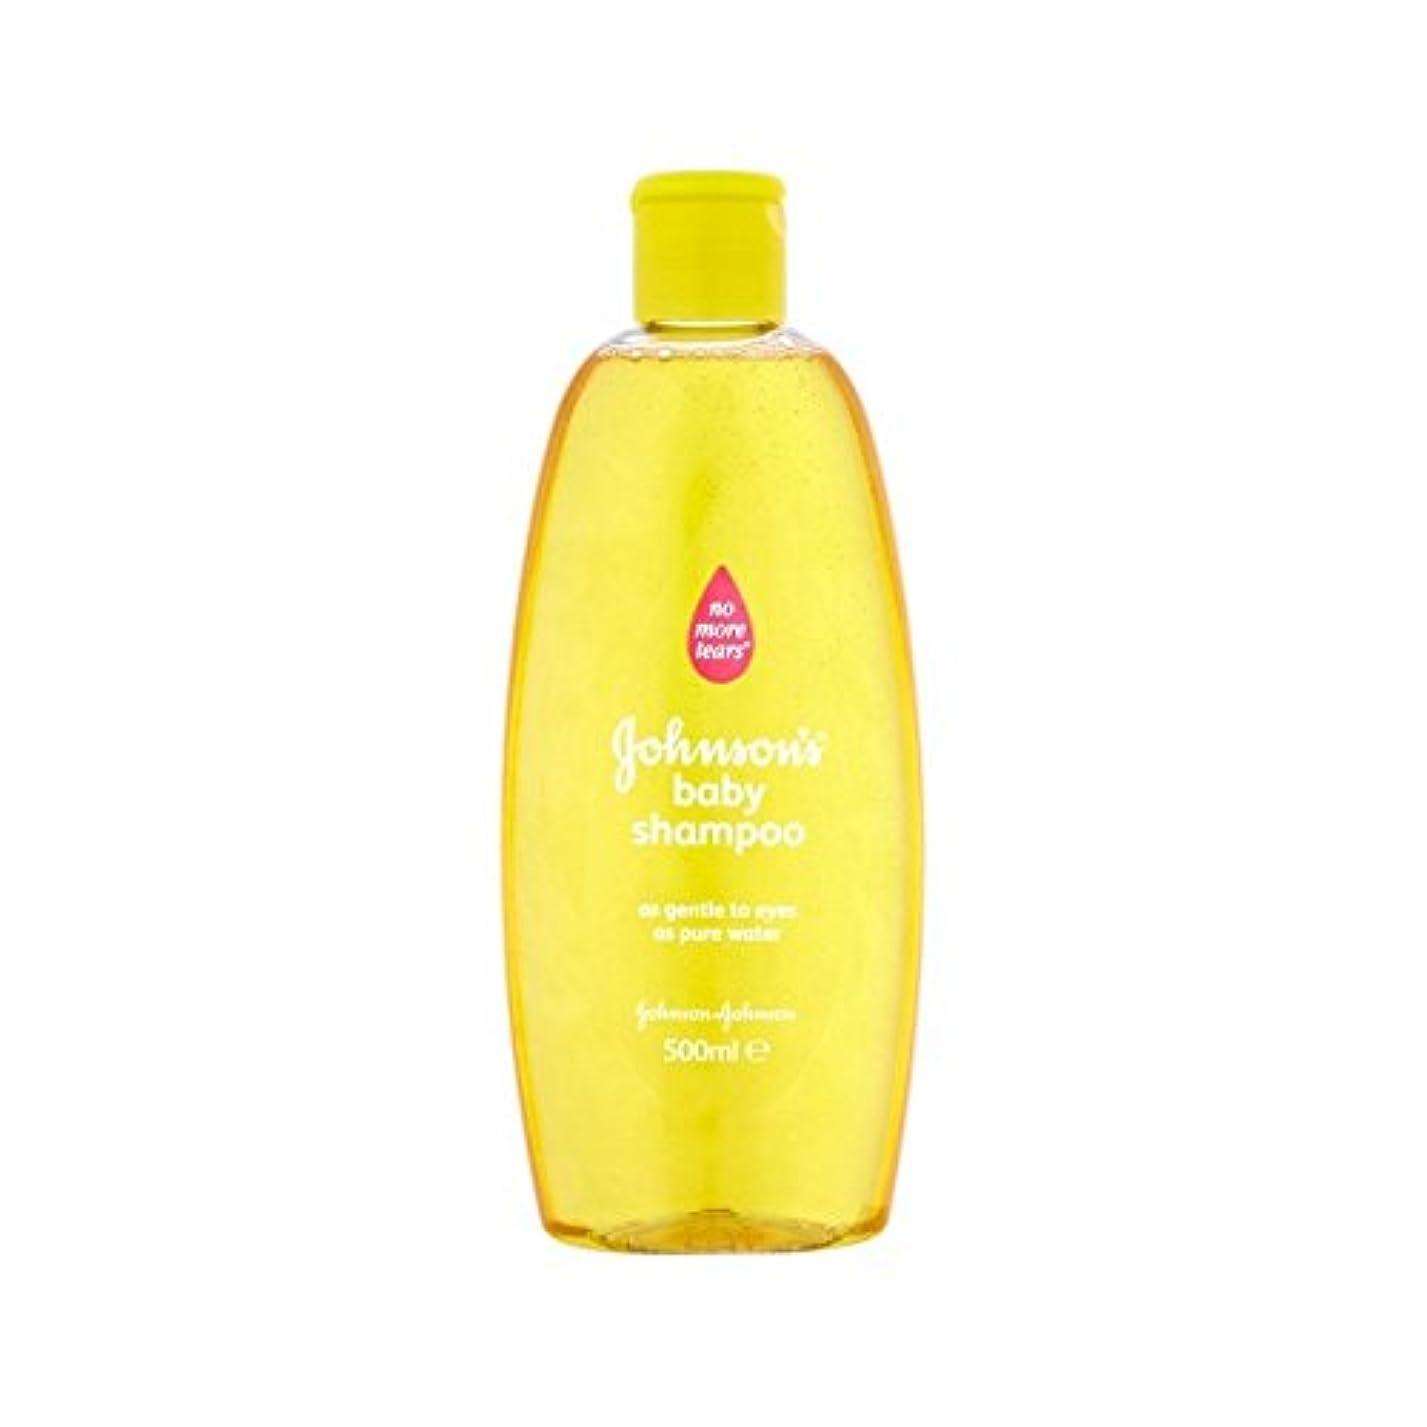 バクテリアウッズ論理的に金シャンプー500ミリリットル (Johnson's Baby) - Johnson's Baby Gold Shampoo 500ml [並行輸入品]